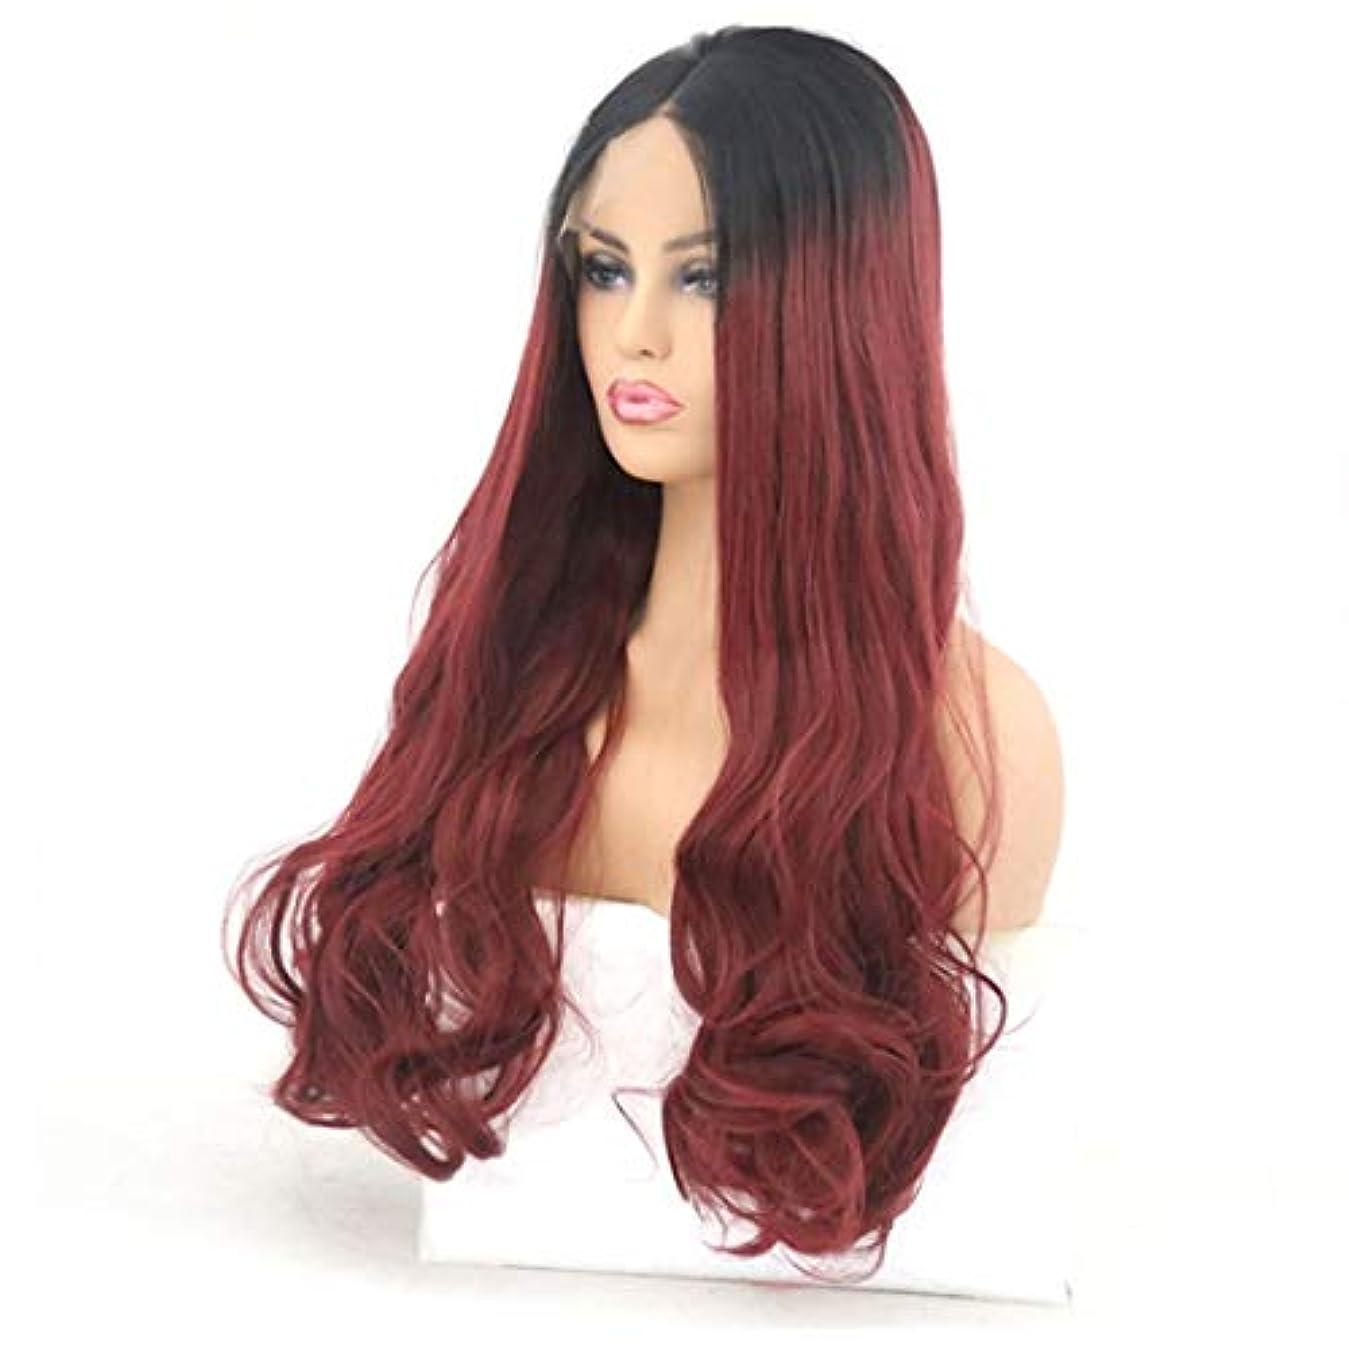 ステープル細分化する有害なKerwinner 耐熱性女性のためのフロントレースのかつら長い巻き毛の大きな波状の巻き毛